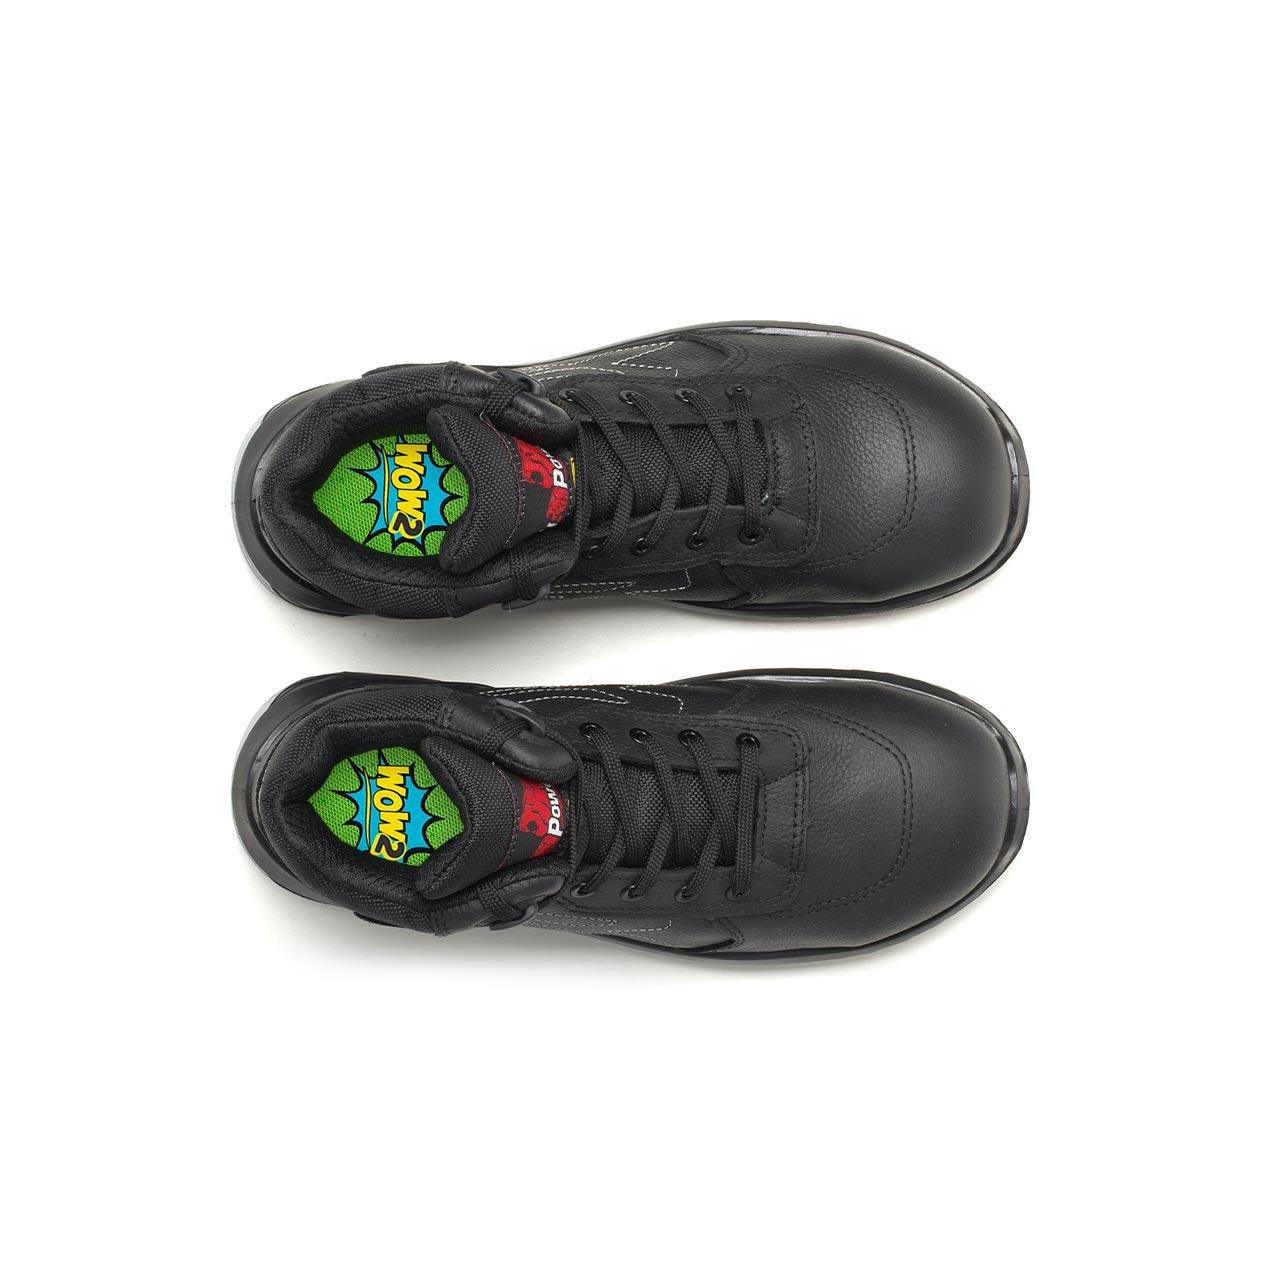 paio di scarpe antinfortunistiche alte upower modello scuro linea redindustry vista top